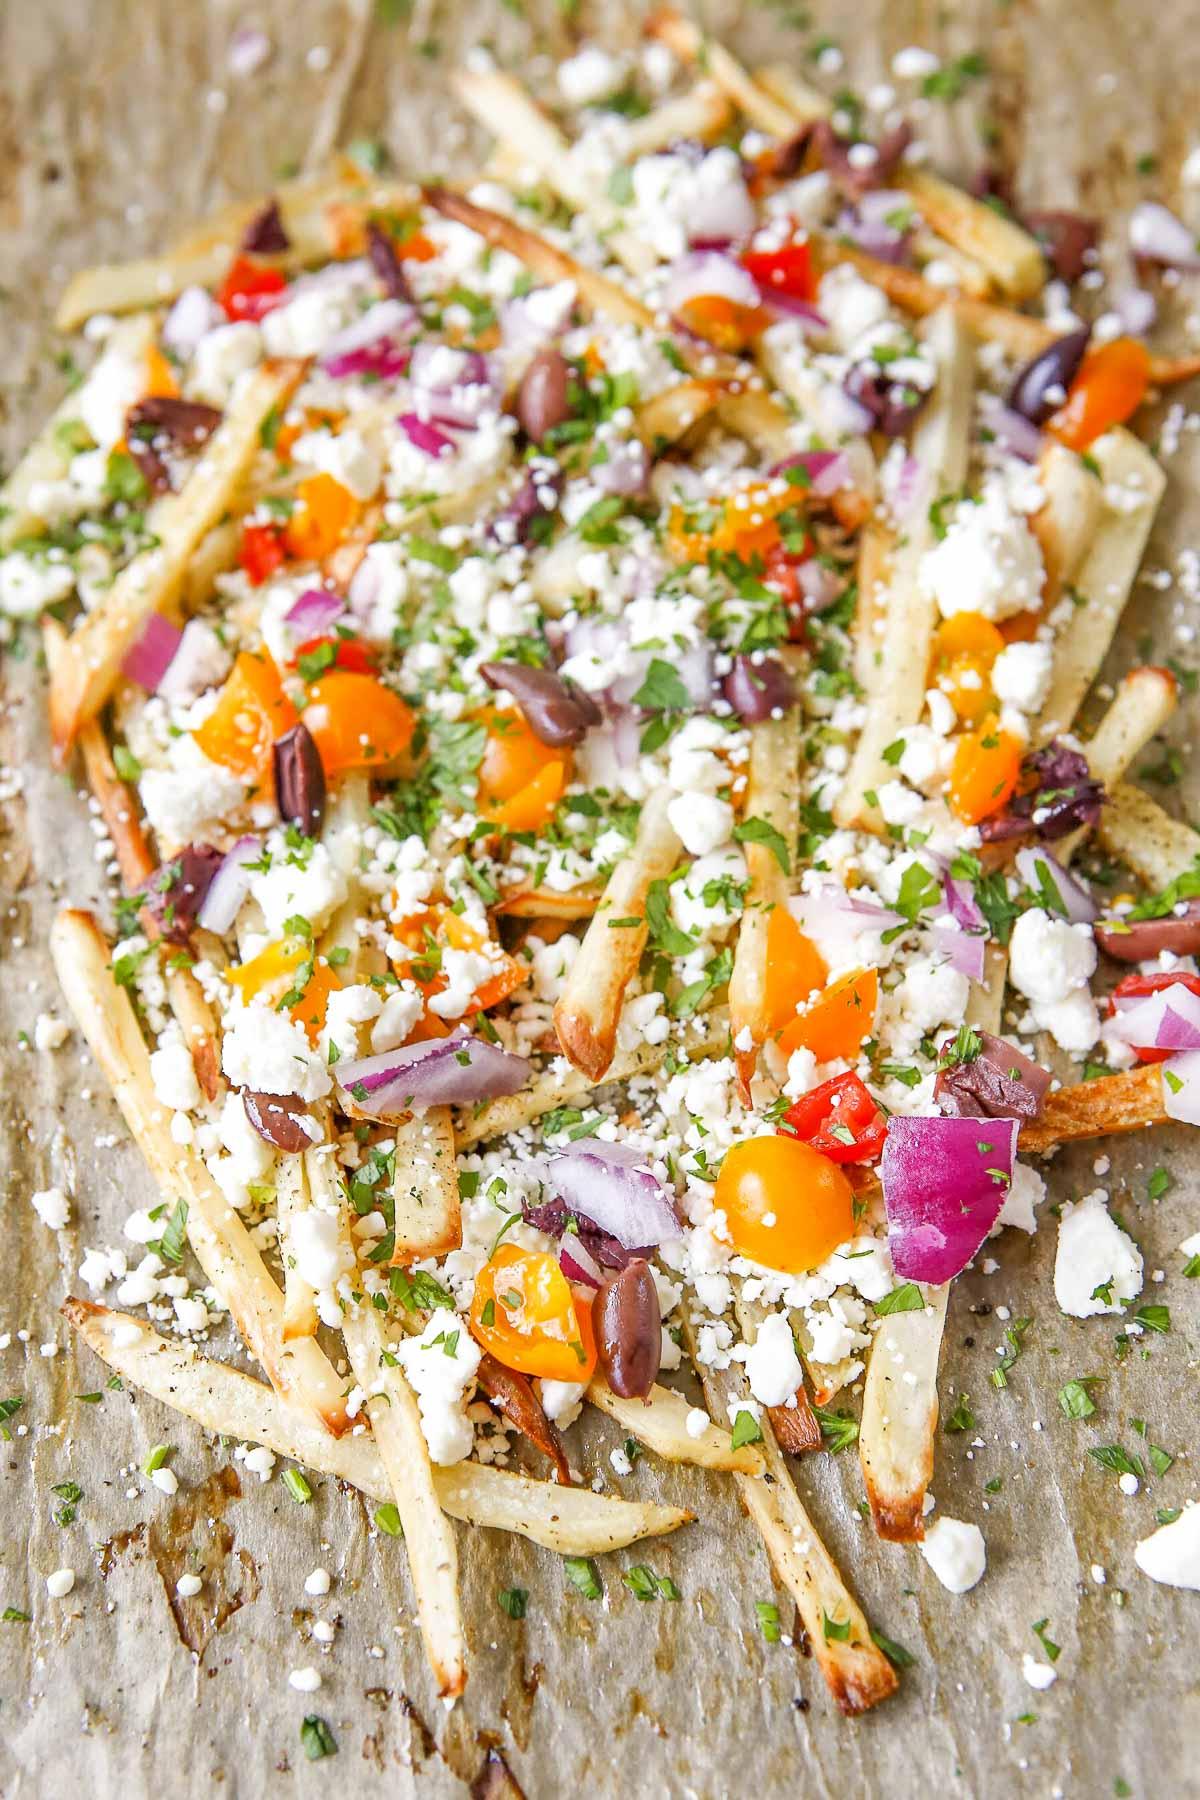 prepared Greek fries